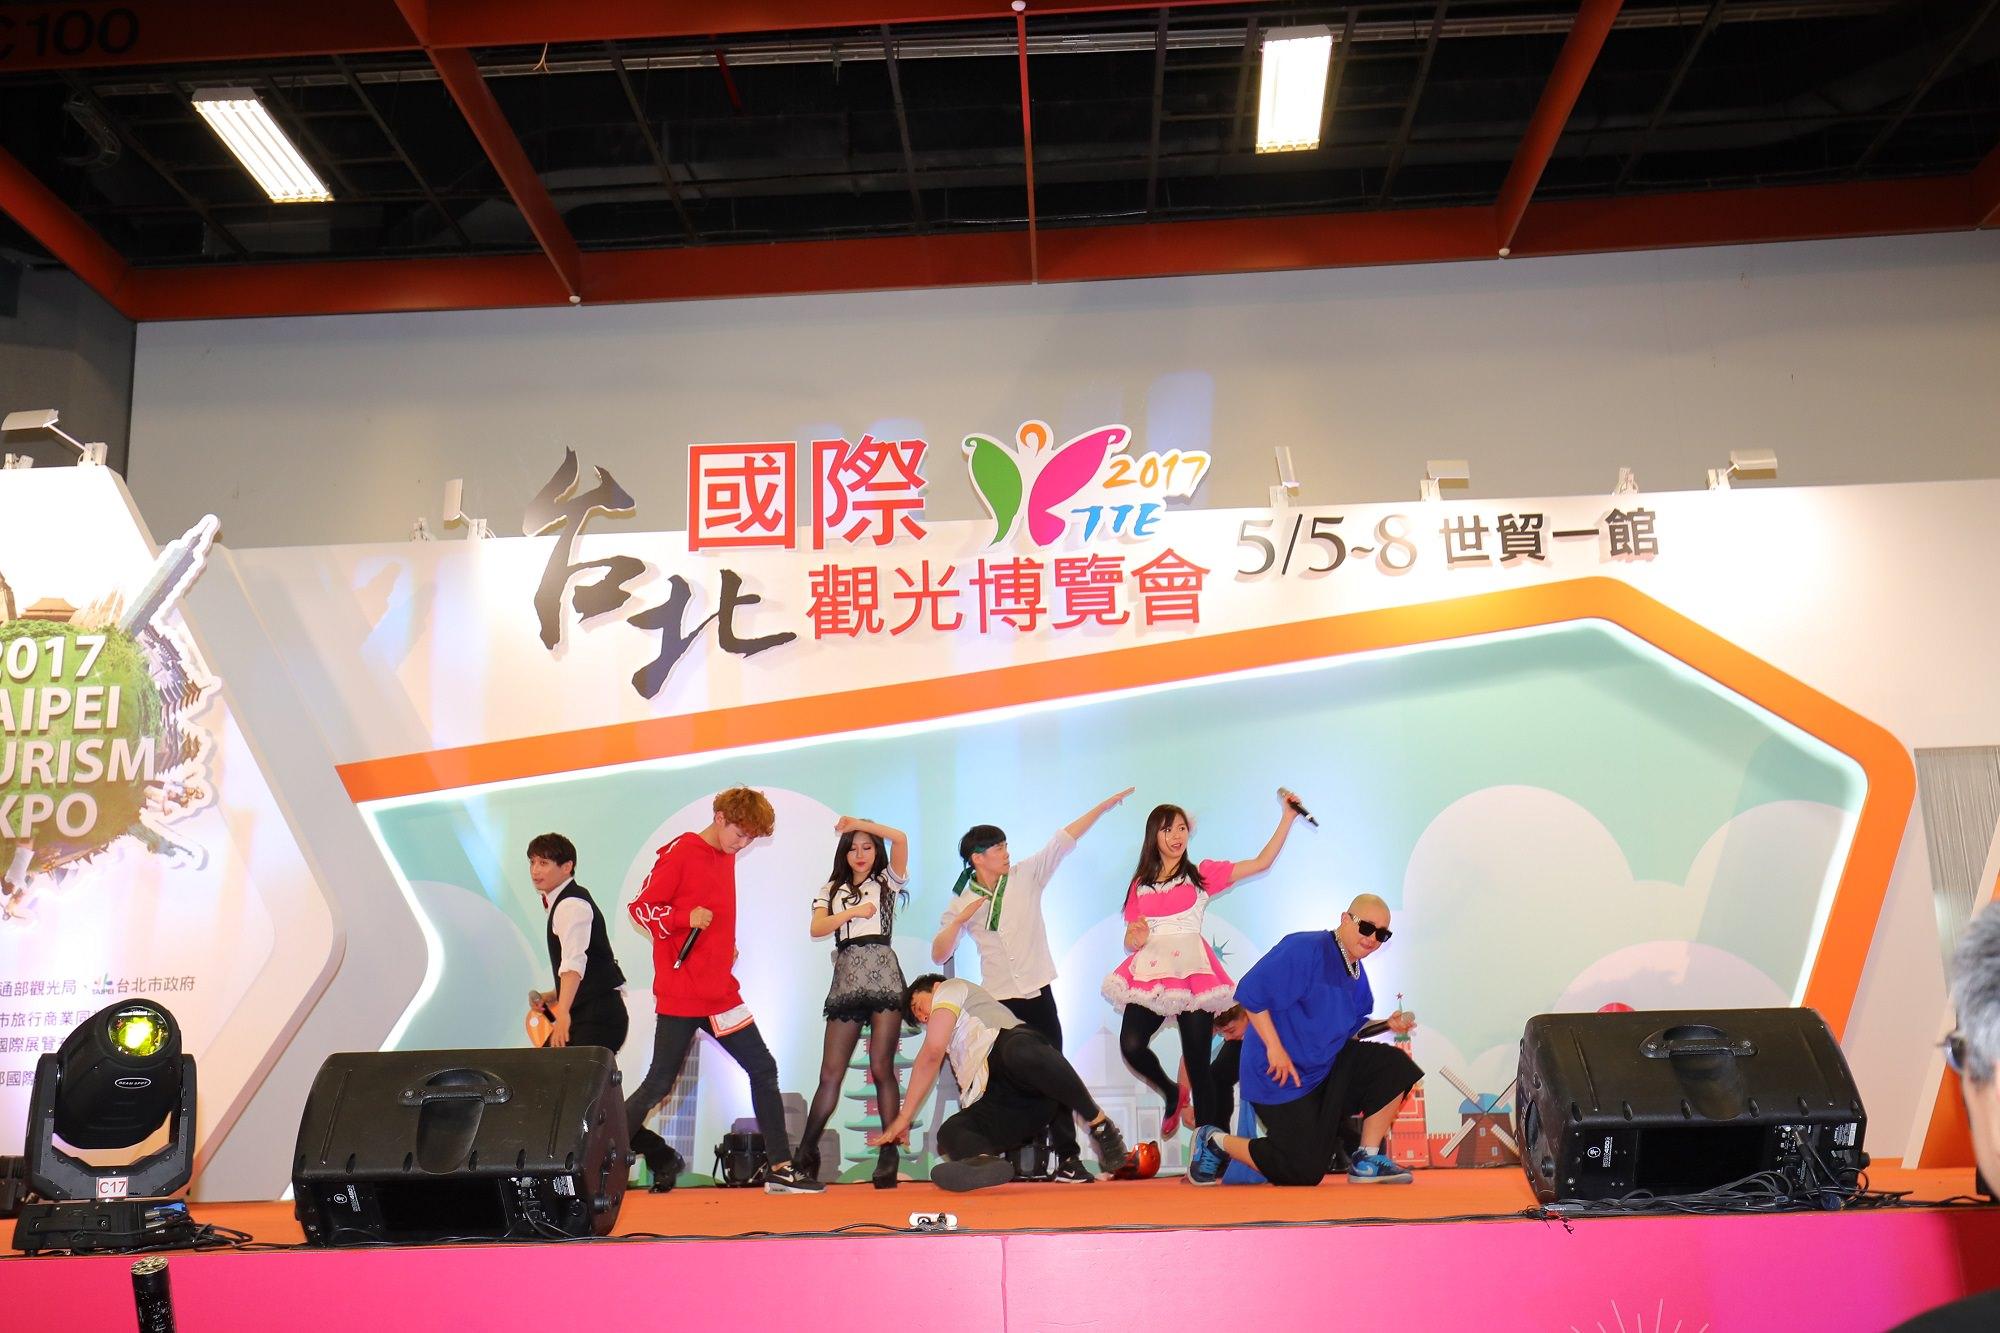 夏季最大!TTE台北旅展看過來,首日超精采 旅展特價在這裡!